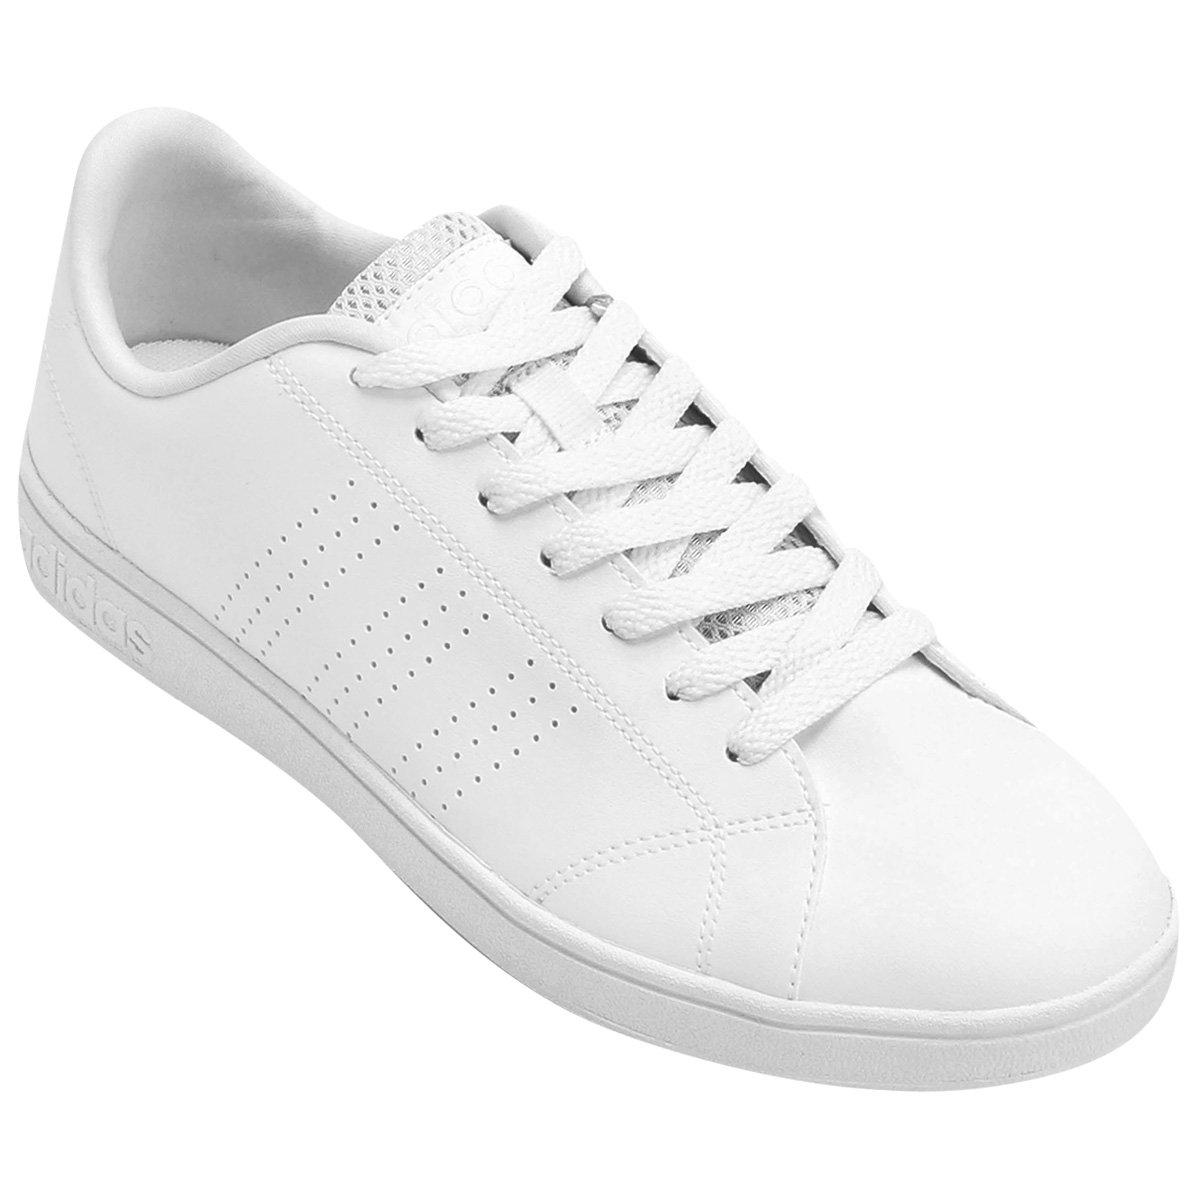 Tênis Adidas Vs Advantage Clean Masculino - Branco - Compre Agora ... e3f74ef795051